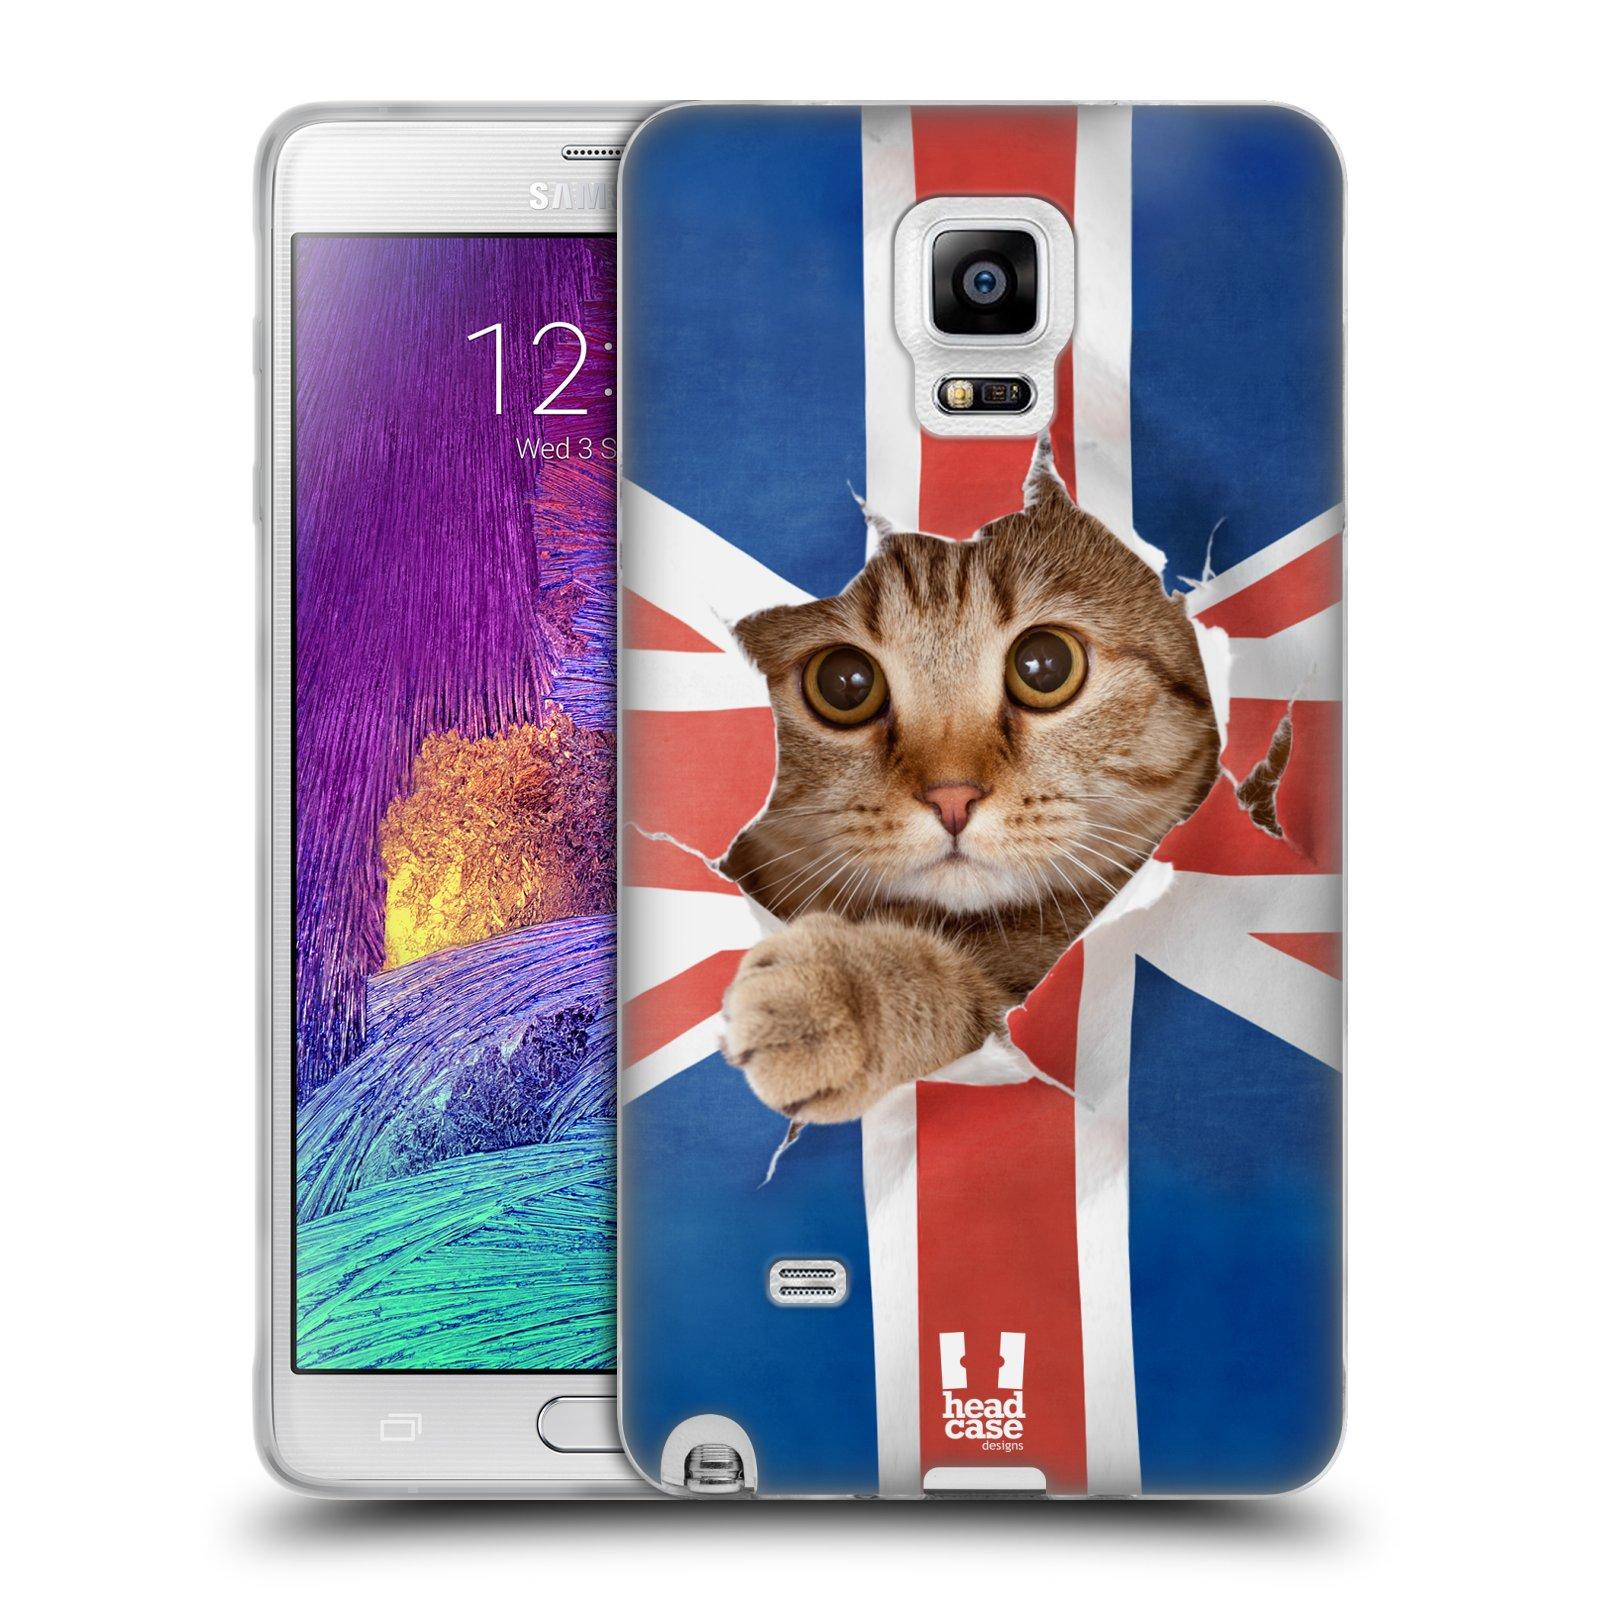 HEAD CASE silikonový obal na mobil Samsung Galaxy Note 4 (N910) vzor Legrační zvířátka kočička a Velká Británie vlajka